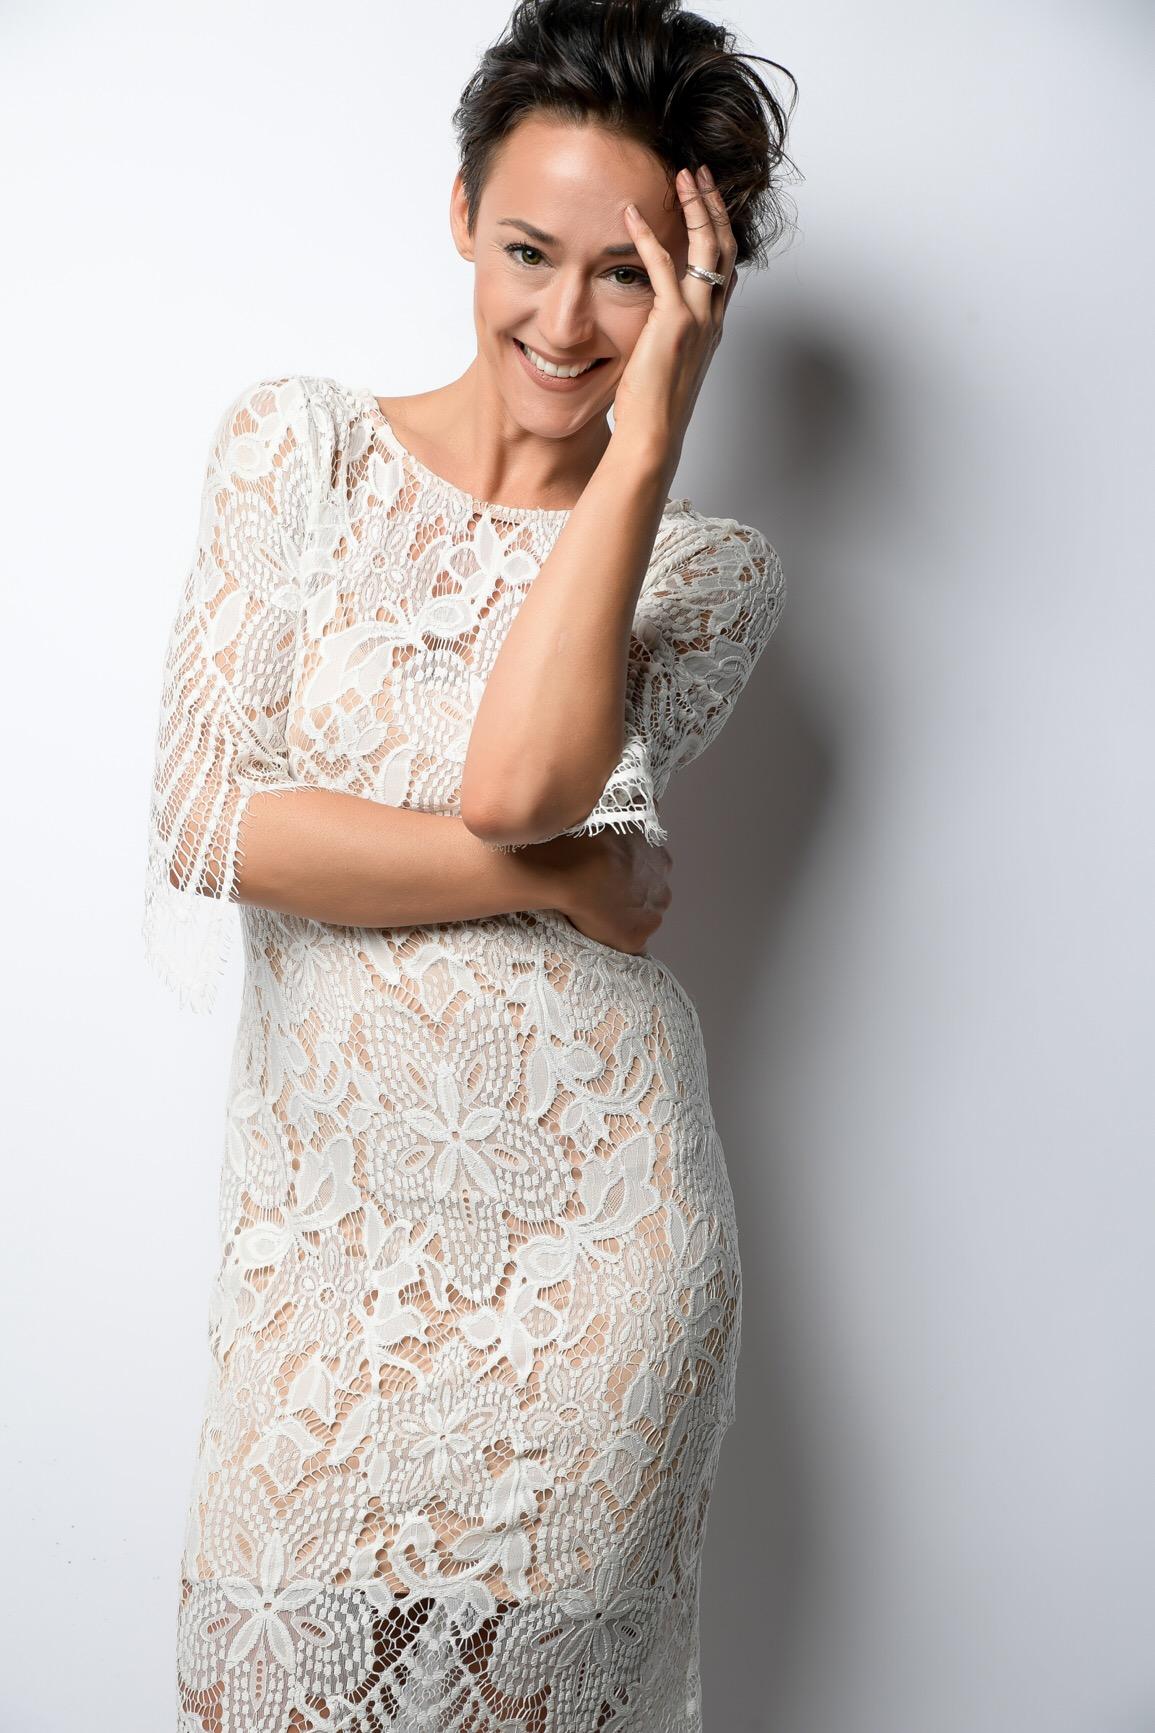 Dawn Hamil, hair stylist and makeup artist (IG: @dawnofbeauty)